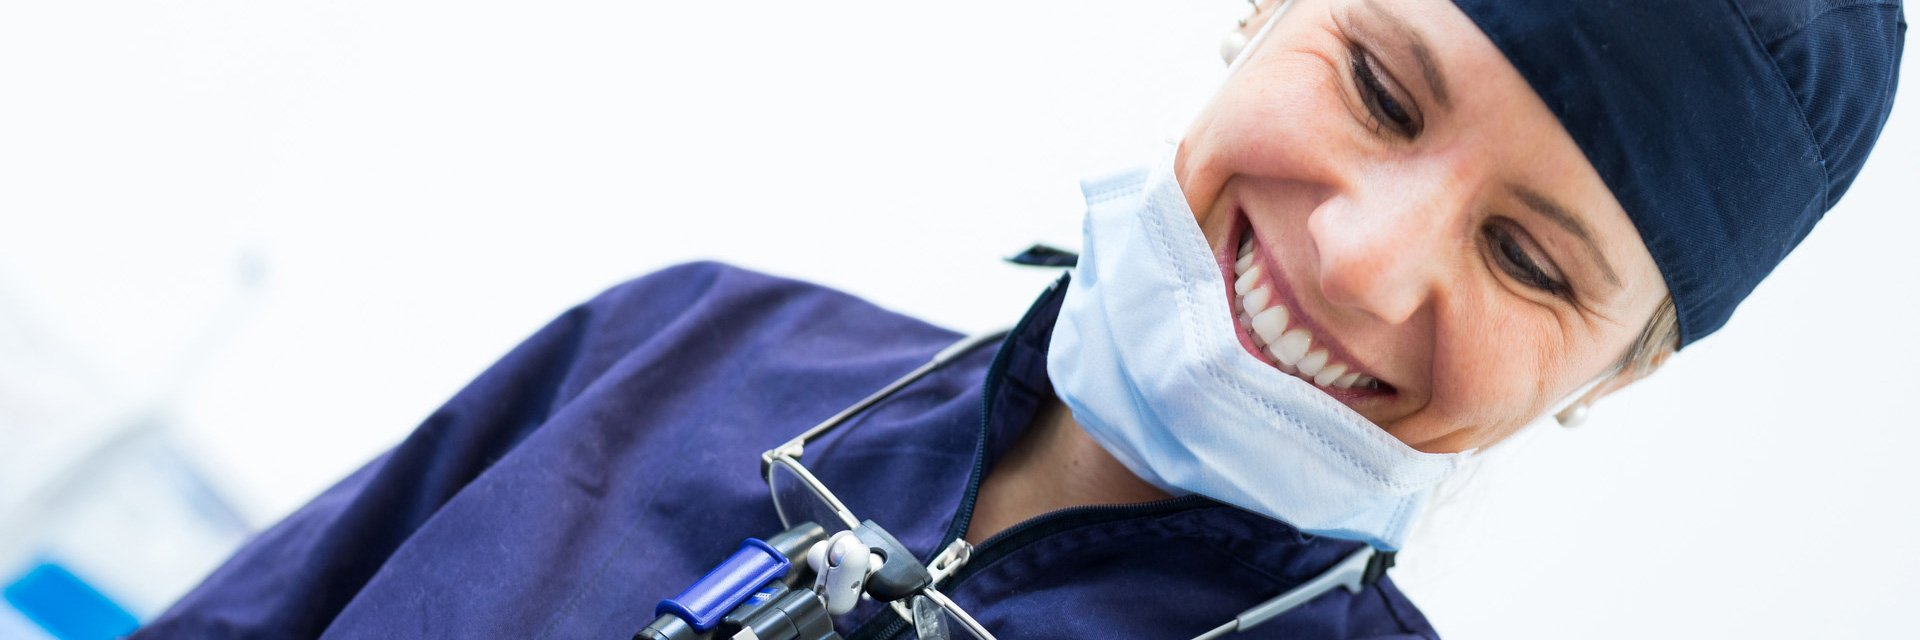 benvenuti-nello-studio-dentistico-pelizzoni,-milano_4